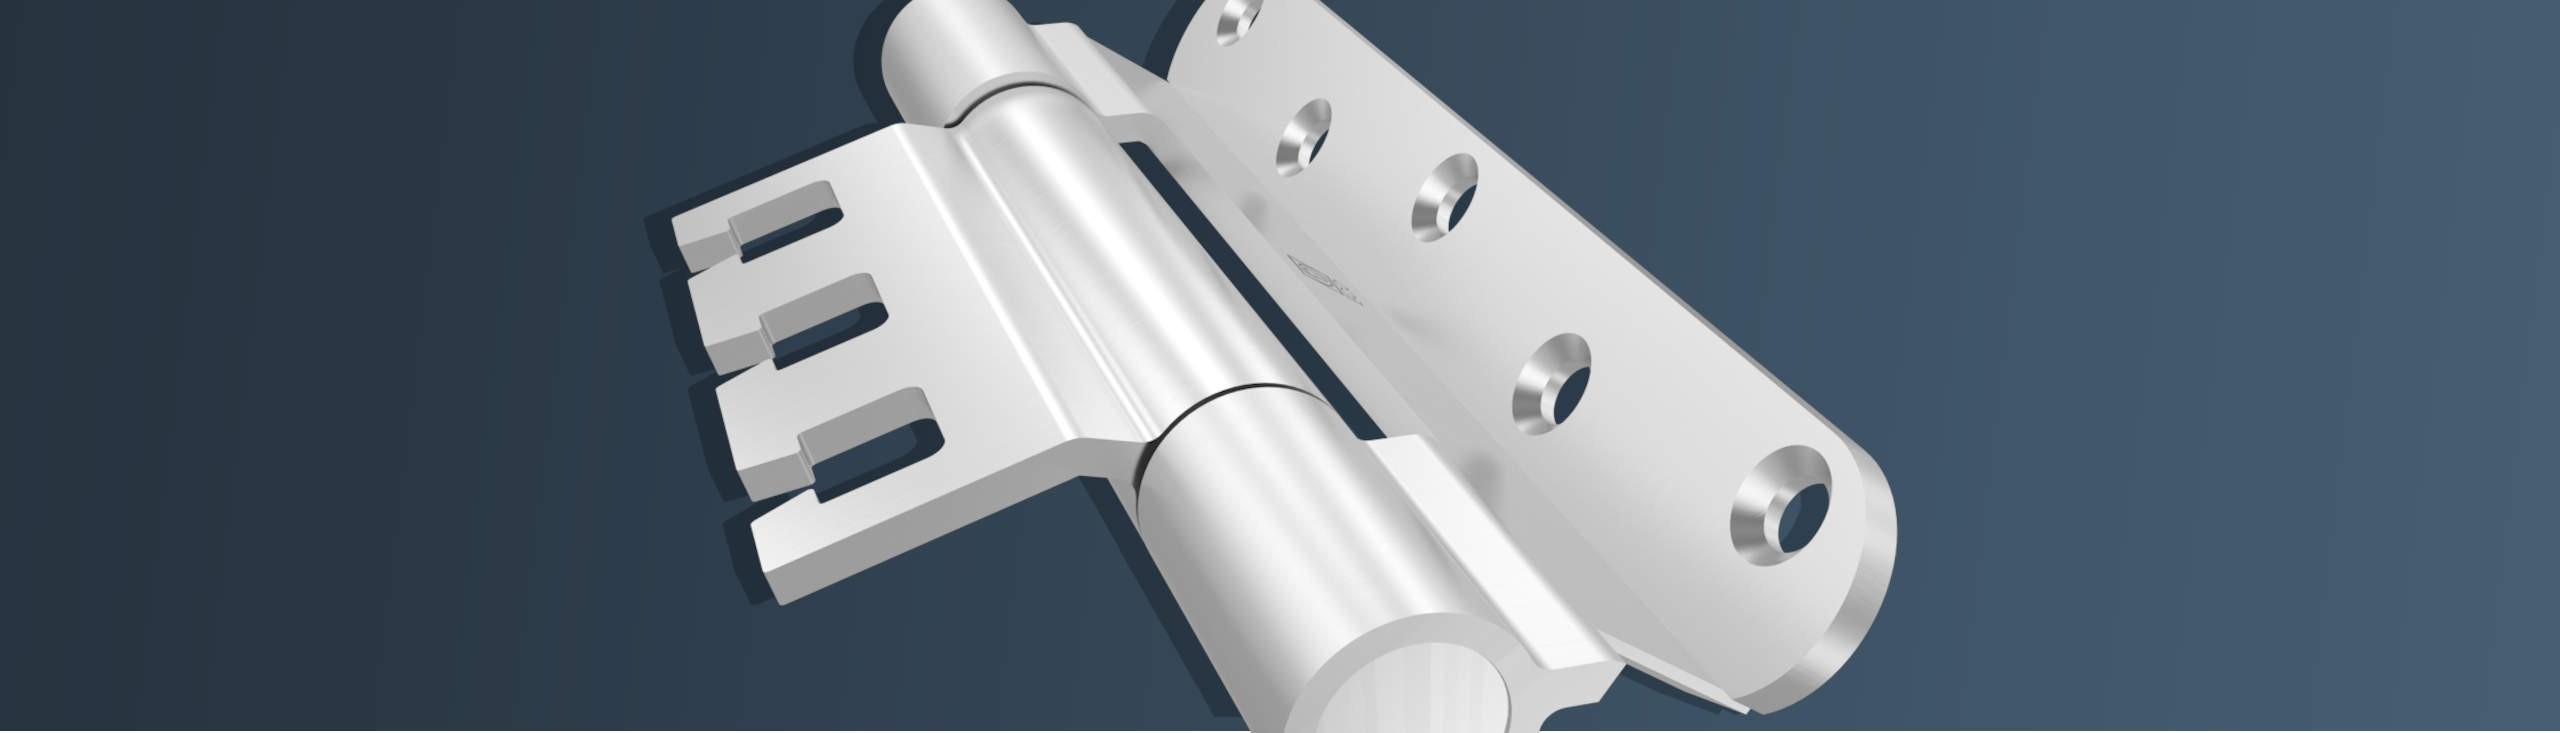 OBX - 3D z kieszeniami